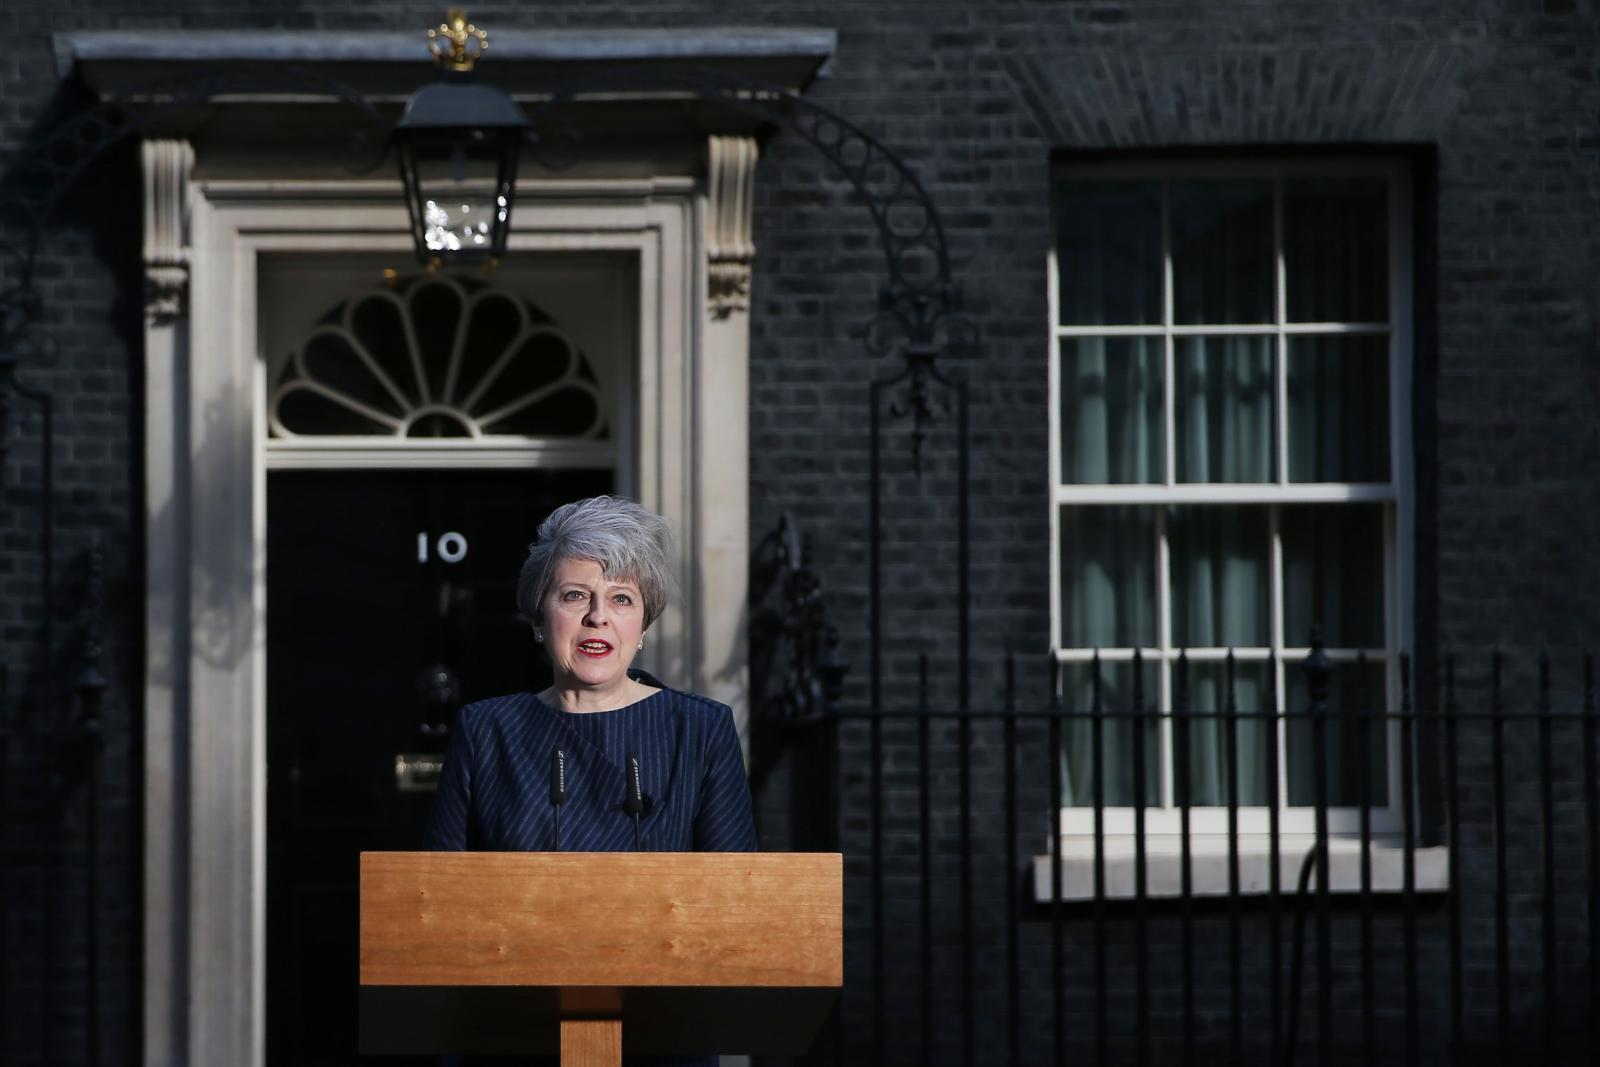 อังกฤษยุบสภาเพื่อเลือกตั้งใหม่ พลิกวิกฤตเป็นโอกาส ?